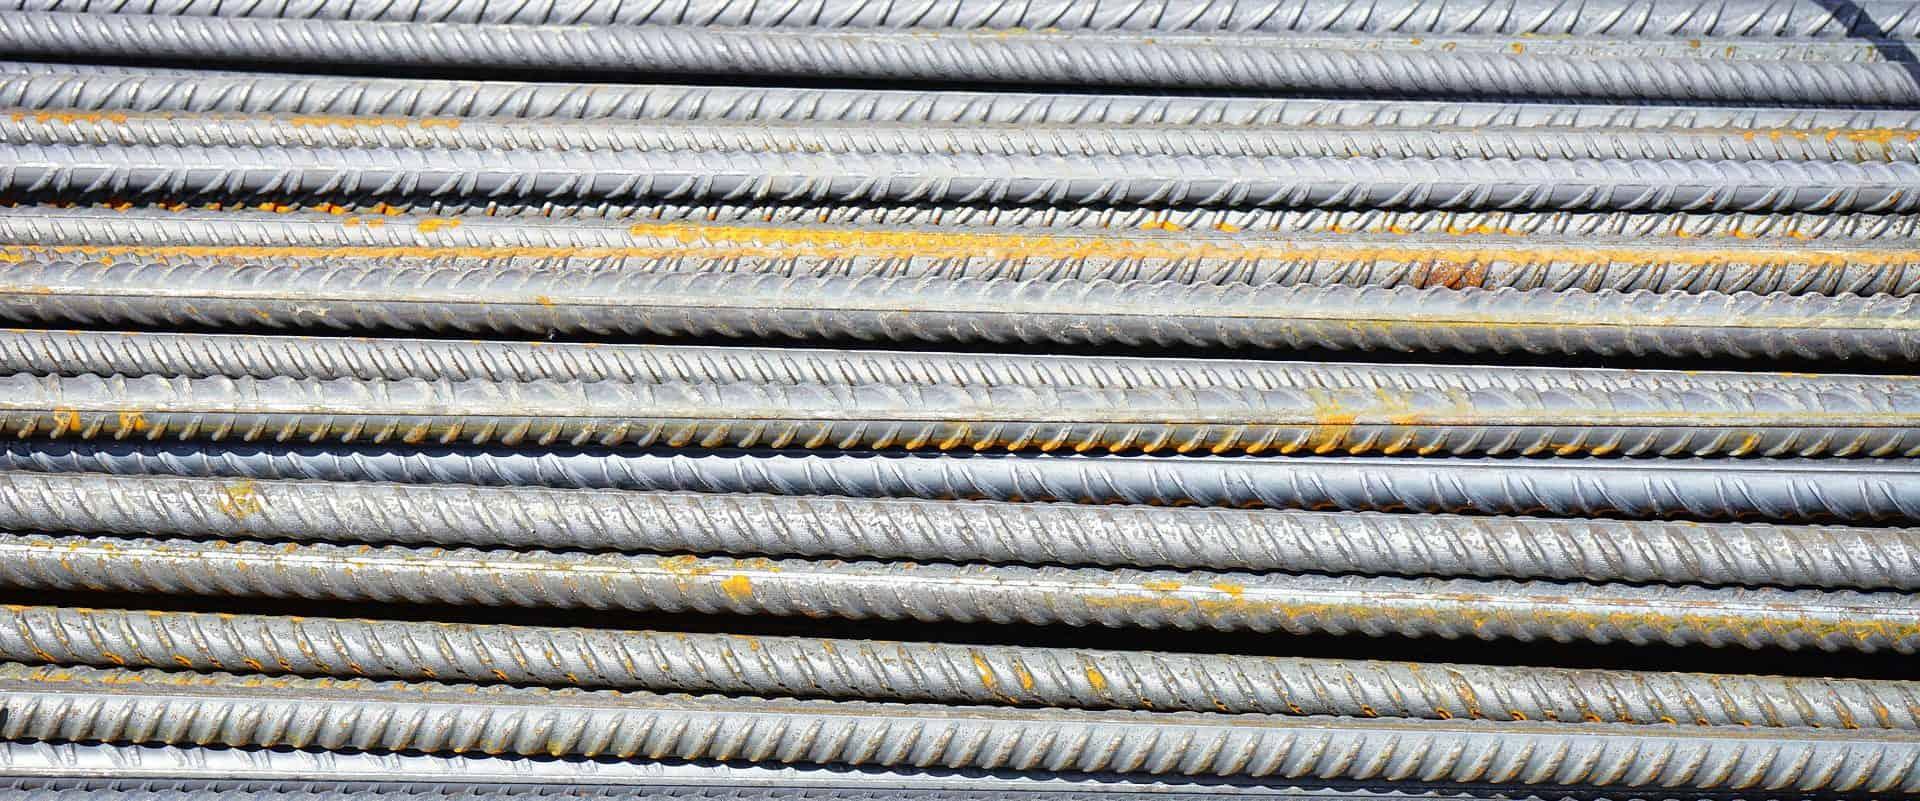 iron-rods-474800_1920